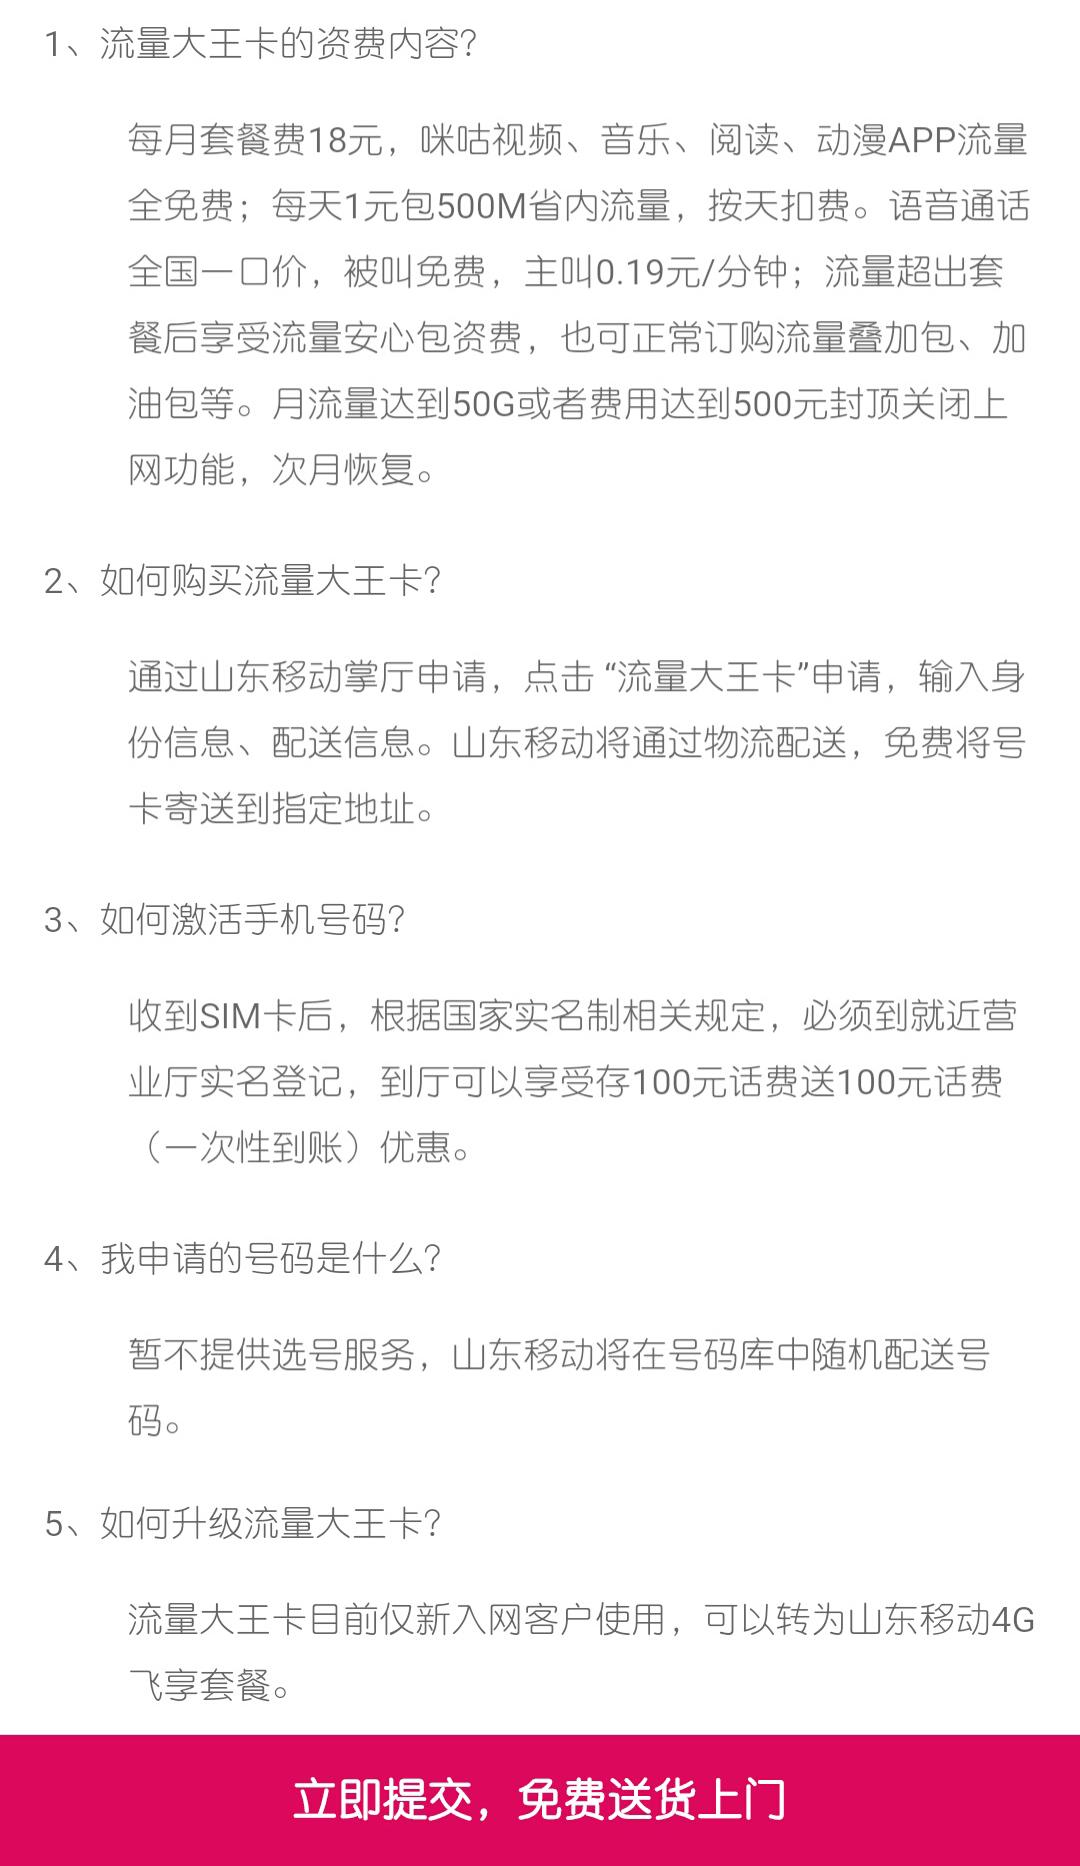 中国移动也出大王卡了!附申请地址 活动线报 第2张